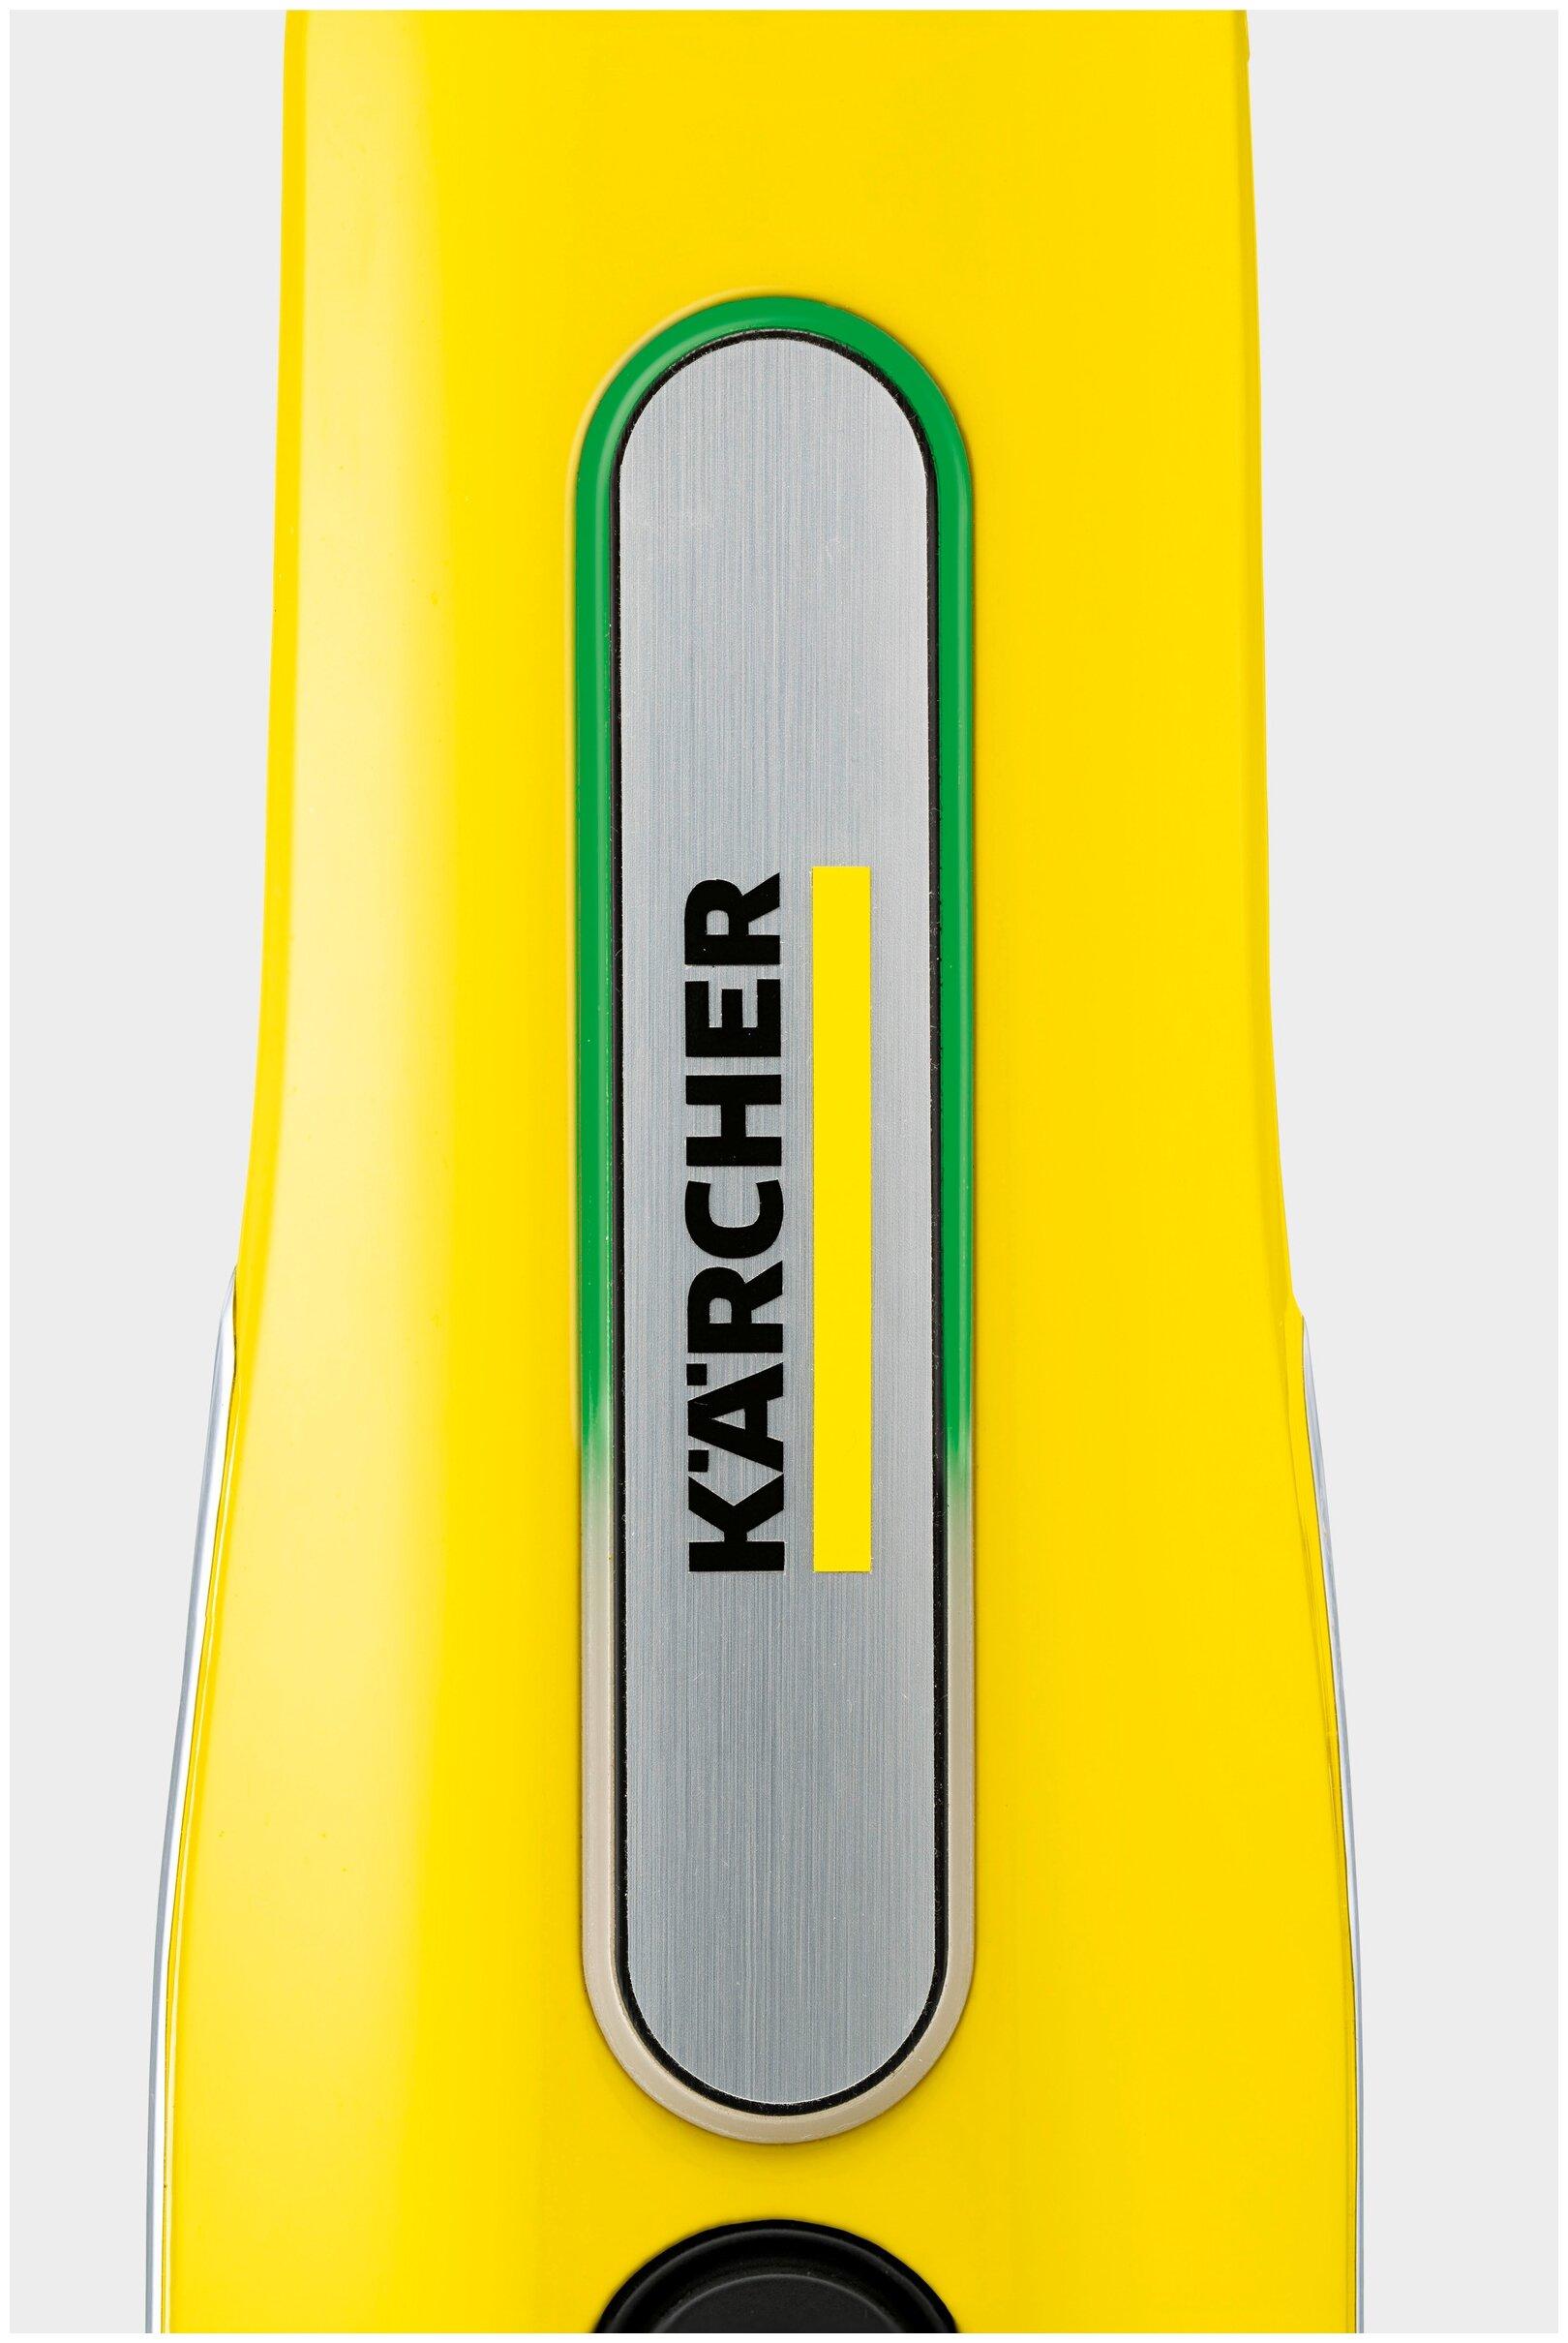 KARCHER SC 3 Upright EasyFix - регулировка подачи пара: есть